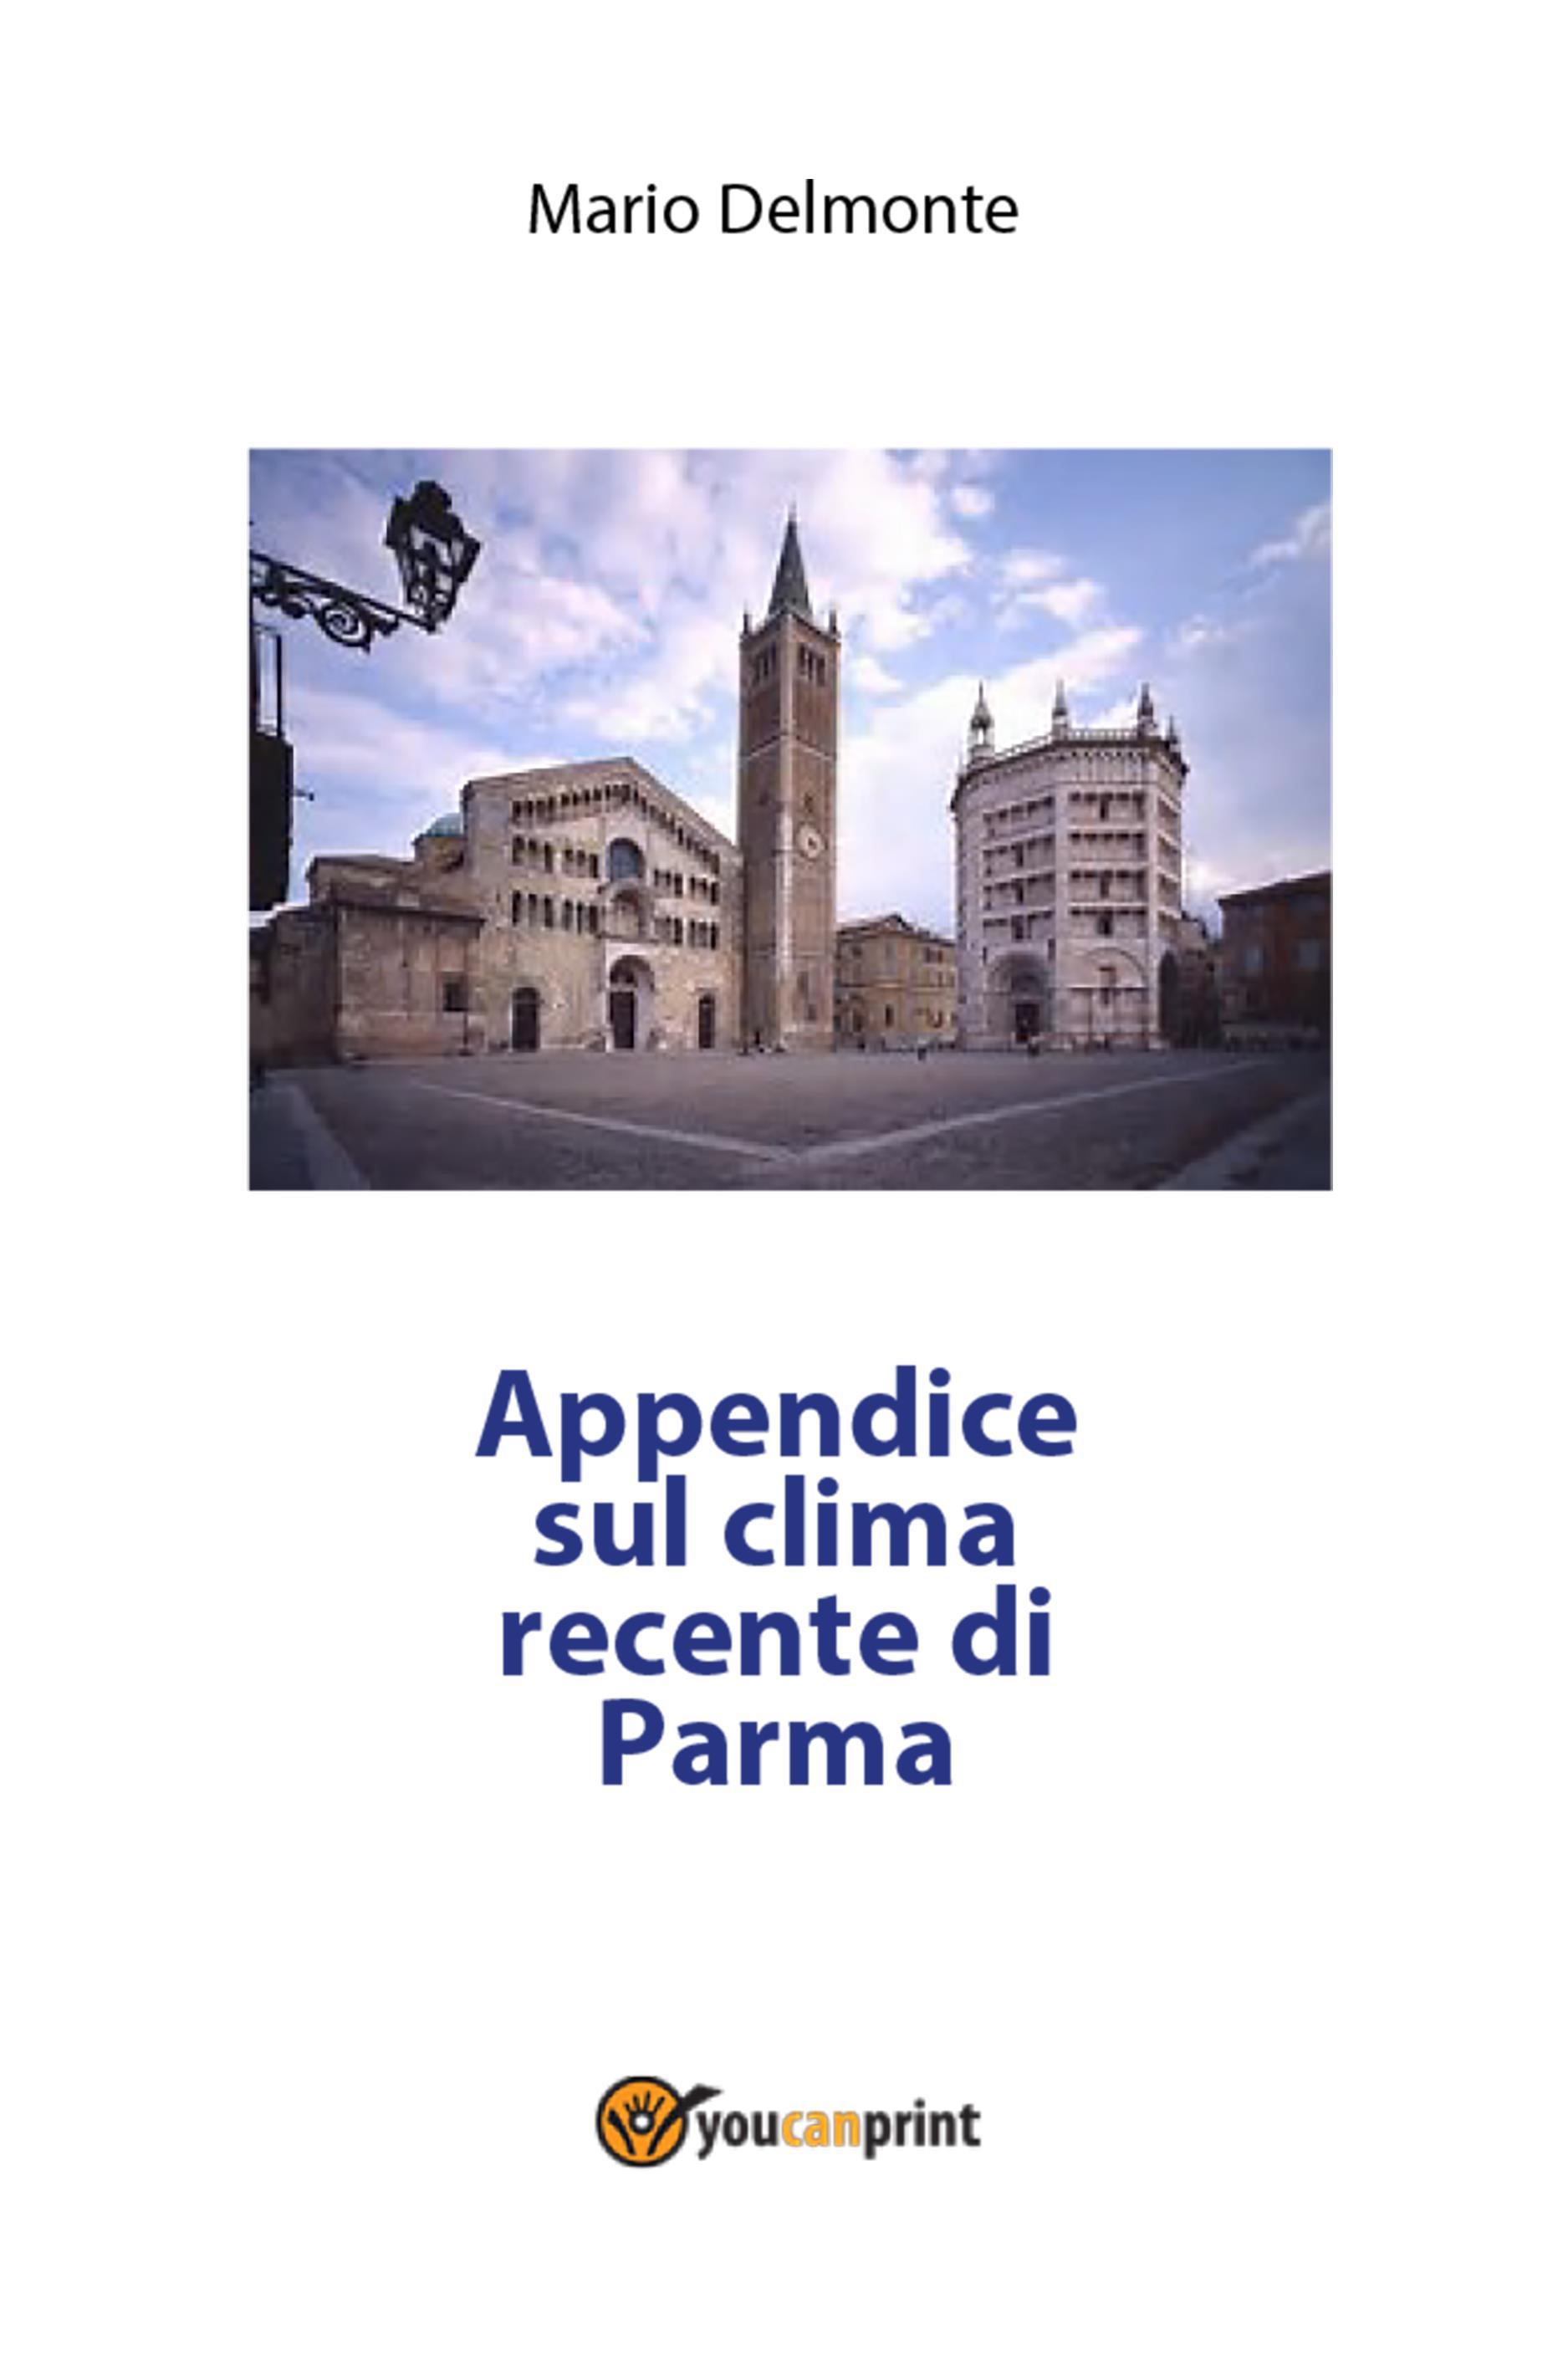 Appendice sul clima recente di Parma